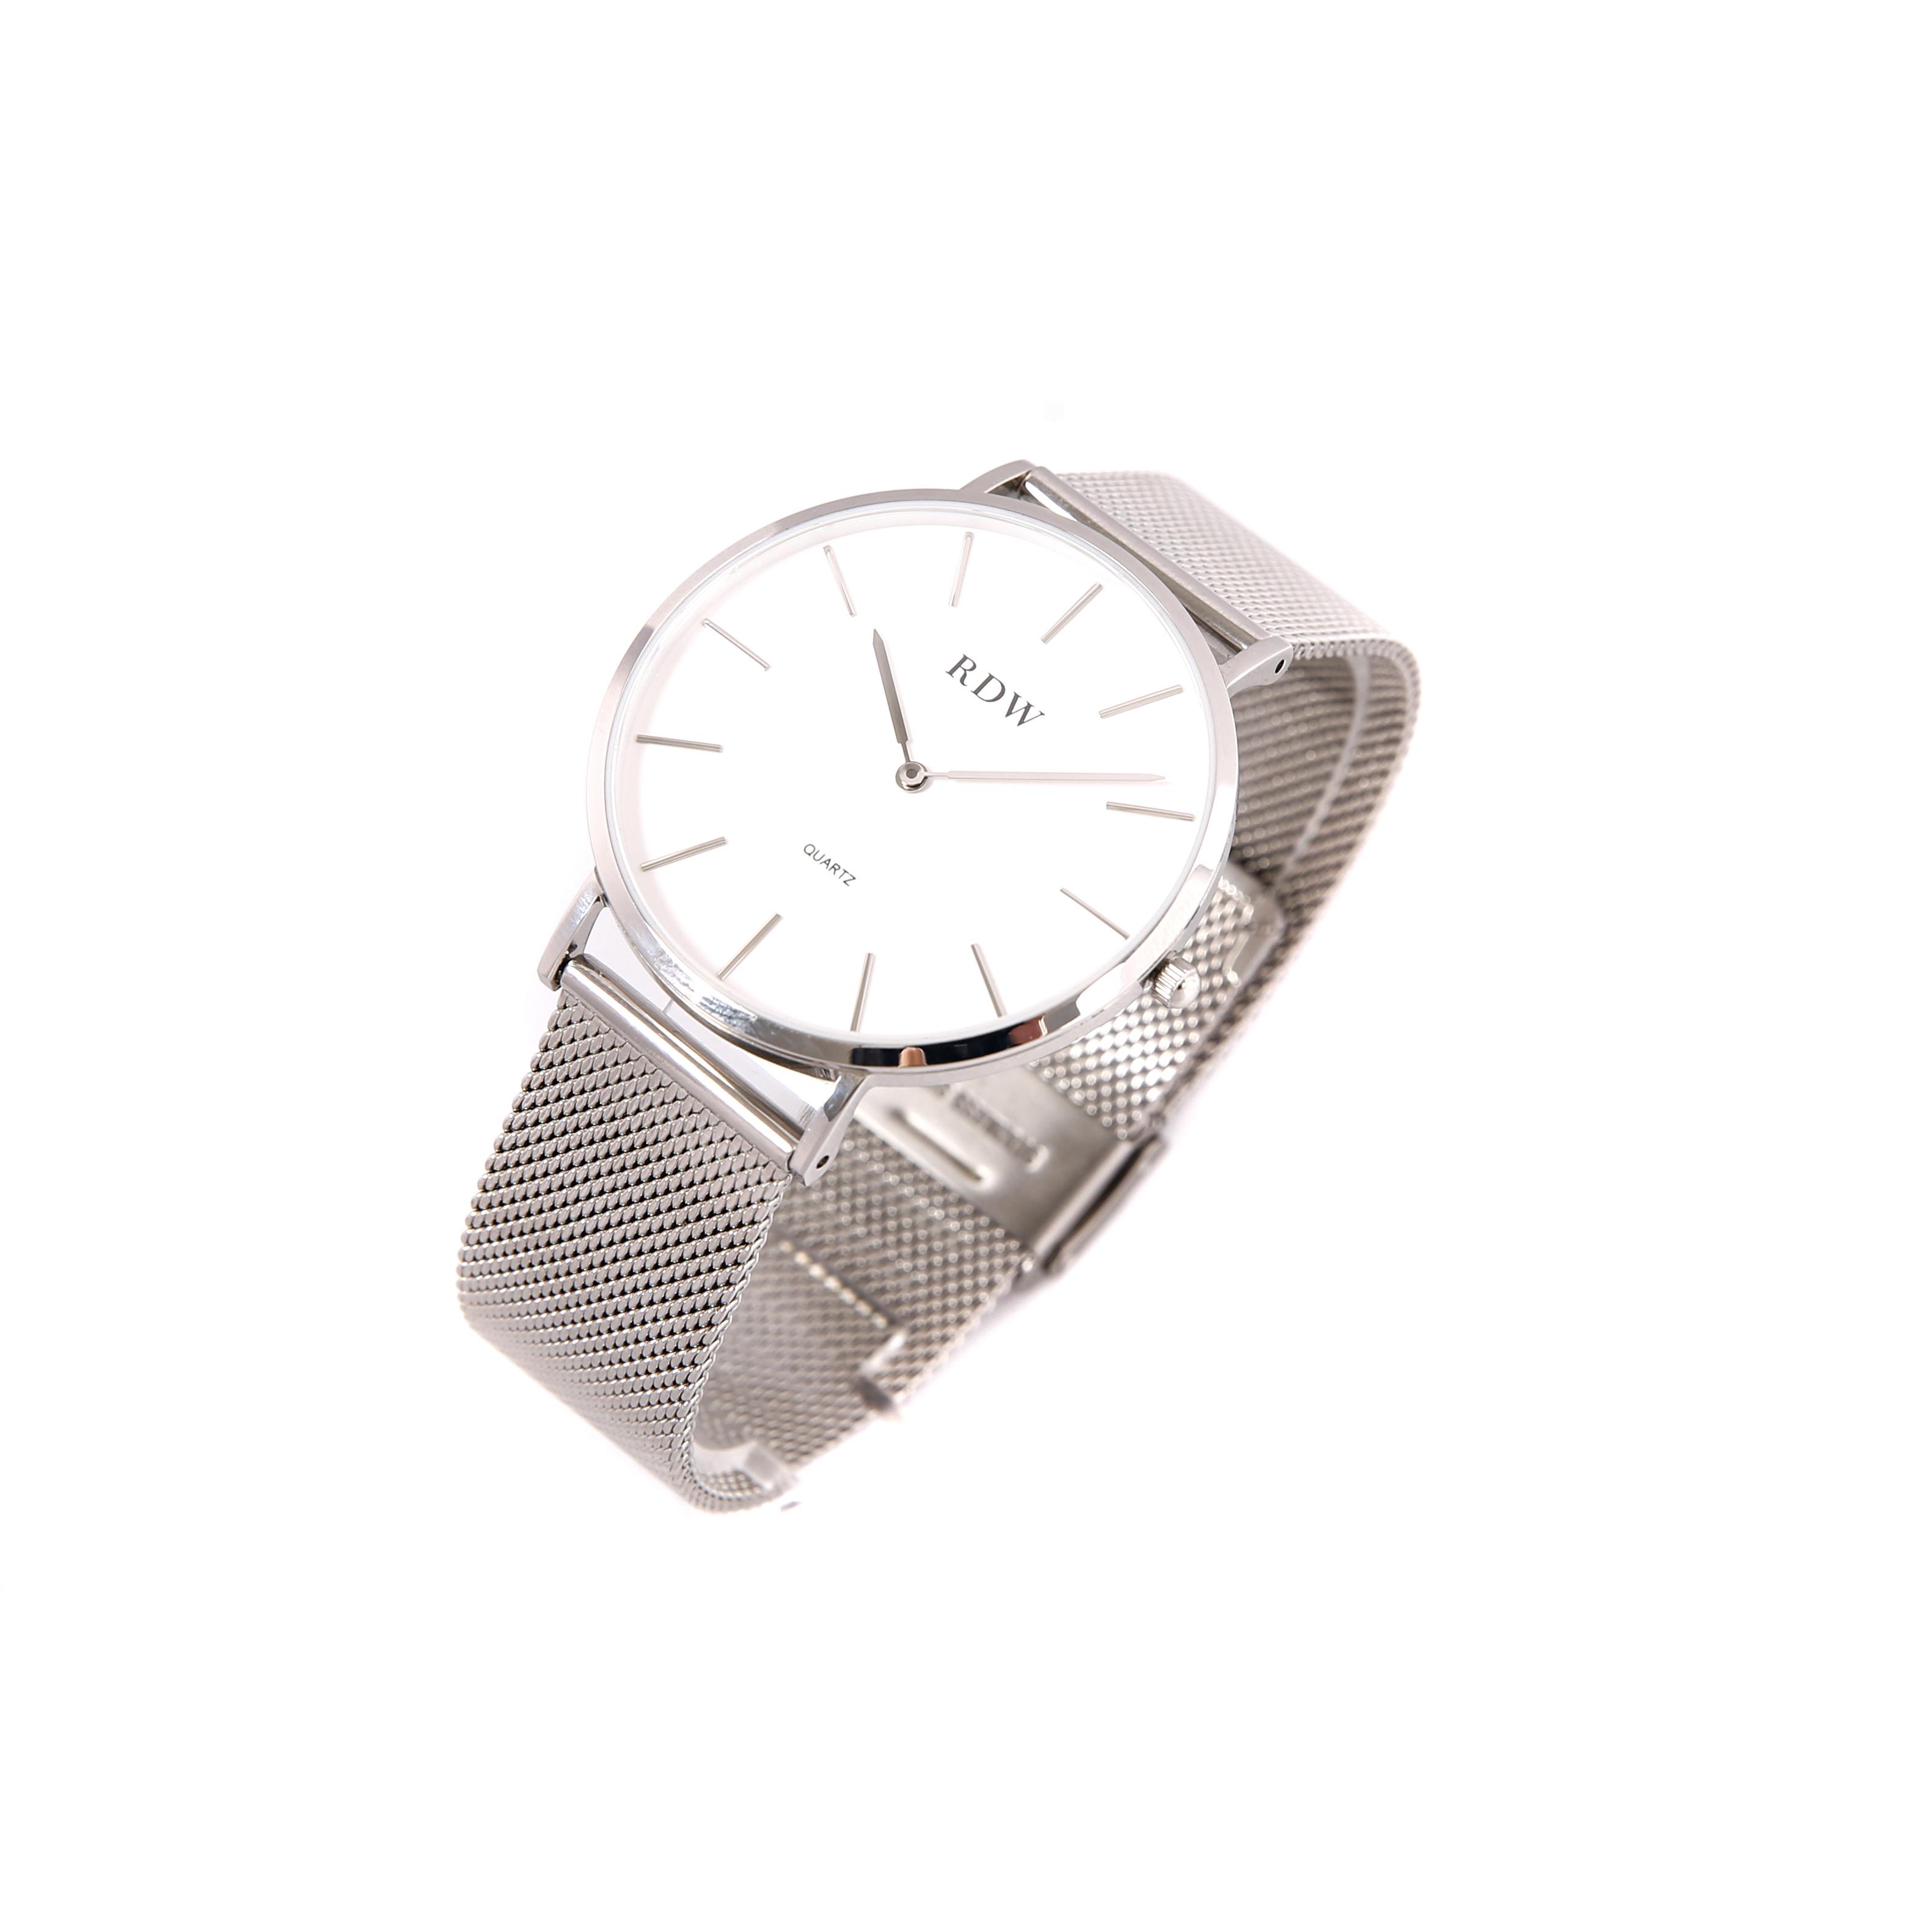 简约防水石英手表 钢带时尚潮流 40mm 本色白面无刻度 40mm 男款 RDW